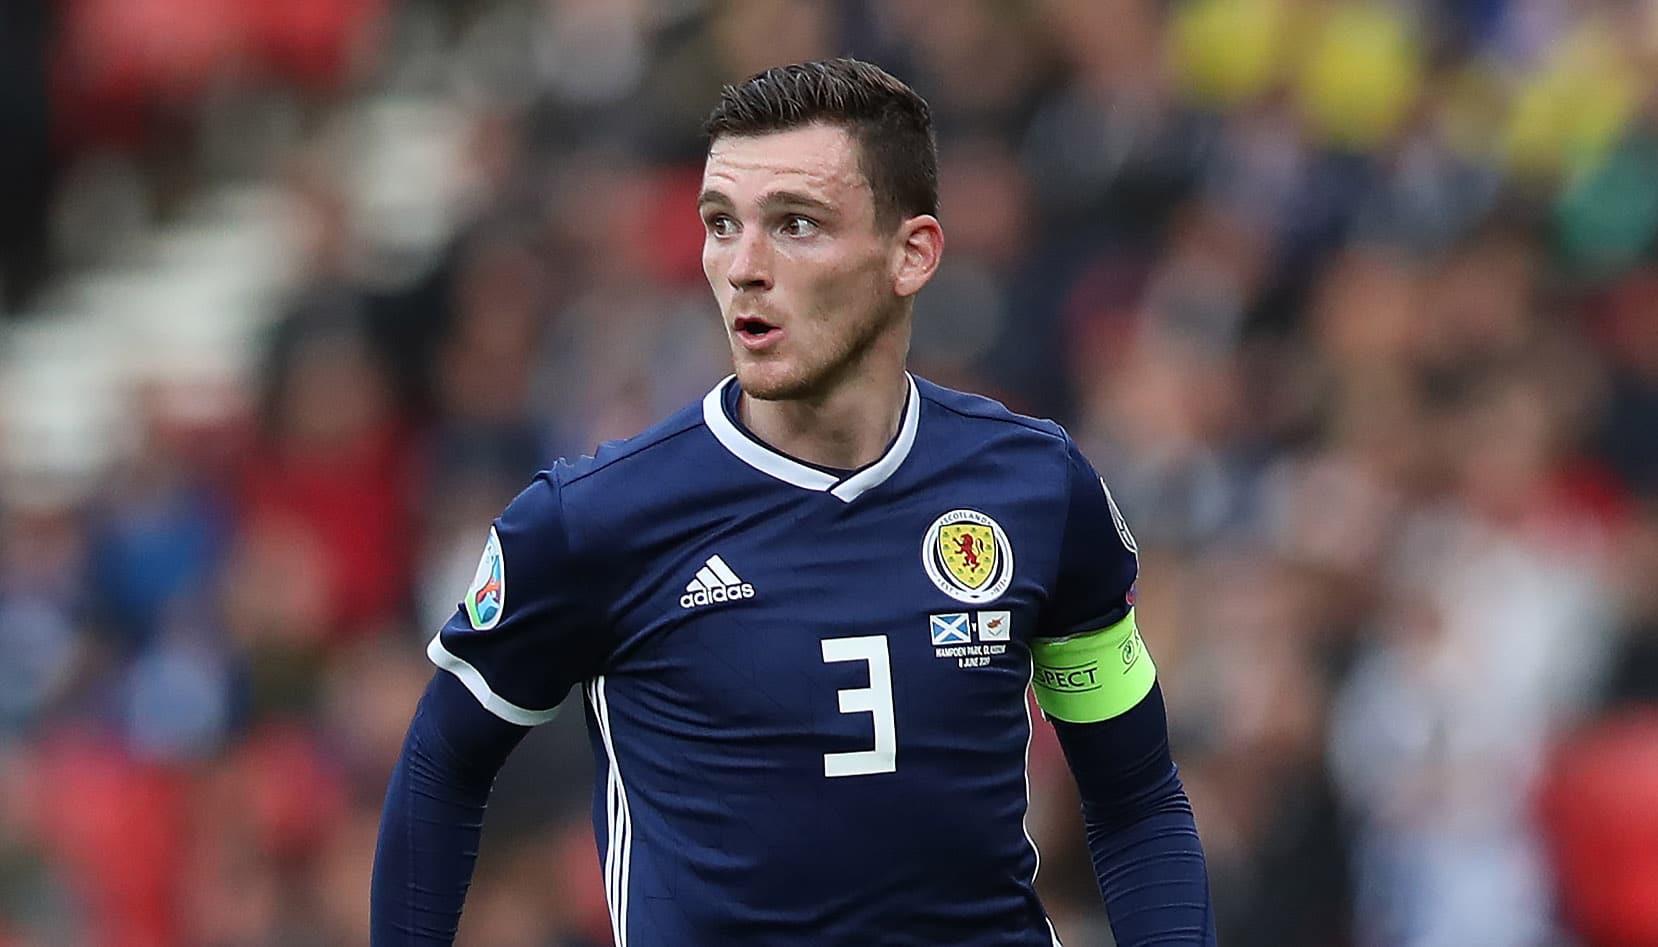 วิเคราะห์ฟุตบอล ฟุตบอล ยูฟ่า ยูโร 2020 รอบคัดเลือก | สกอตแลนด์ vs เบลเยียม 09/09/19